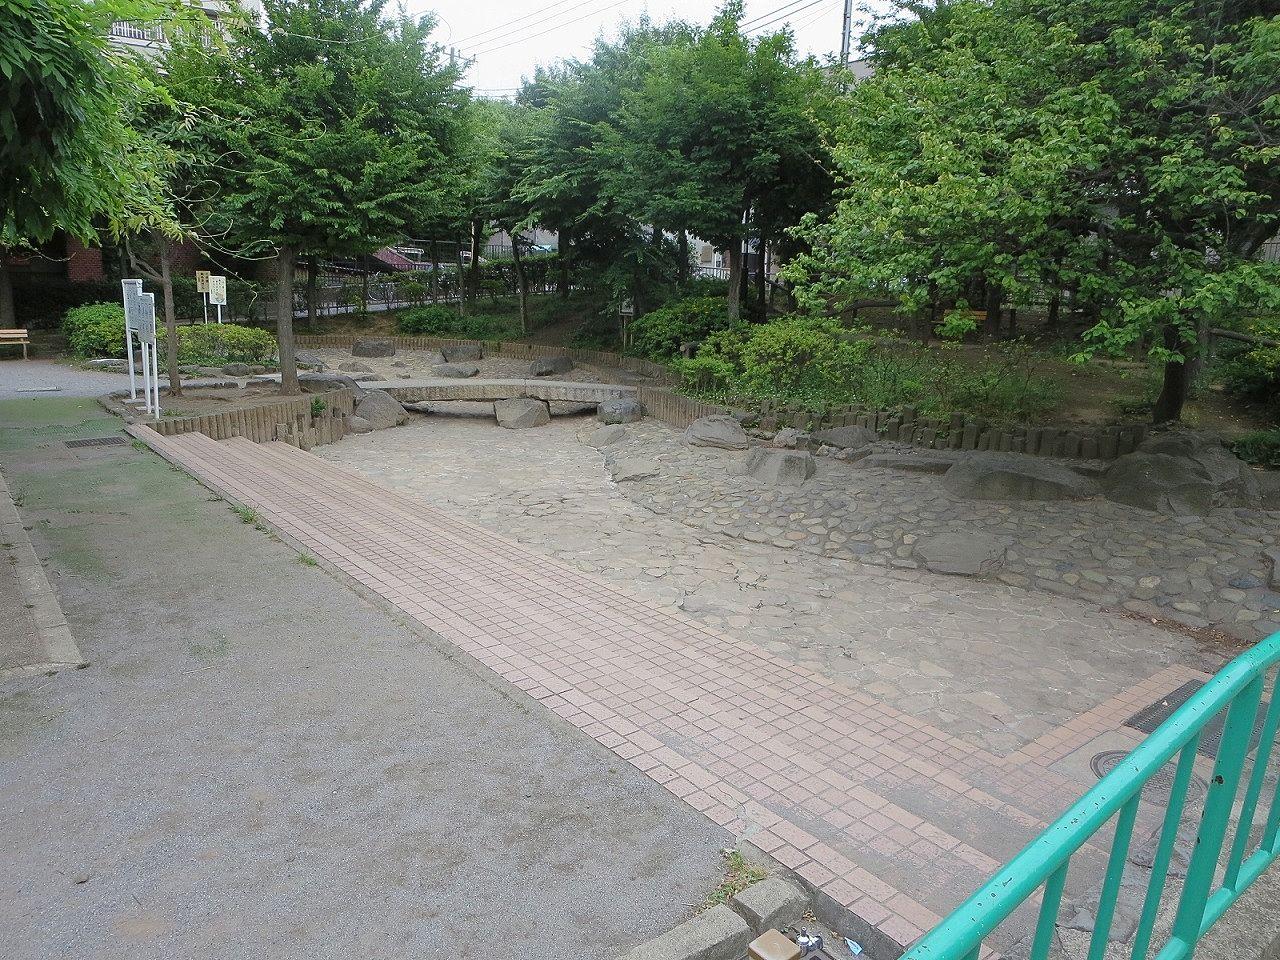 文京区本駒込の水遊び場として人気のじゃぶじゃぶ池が夏の間開放されます。